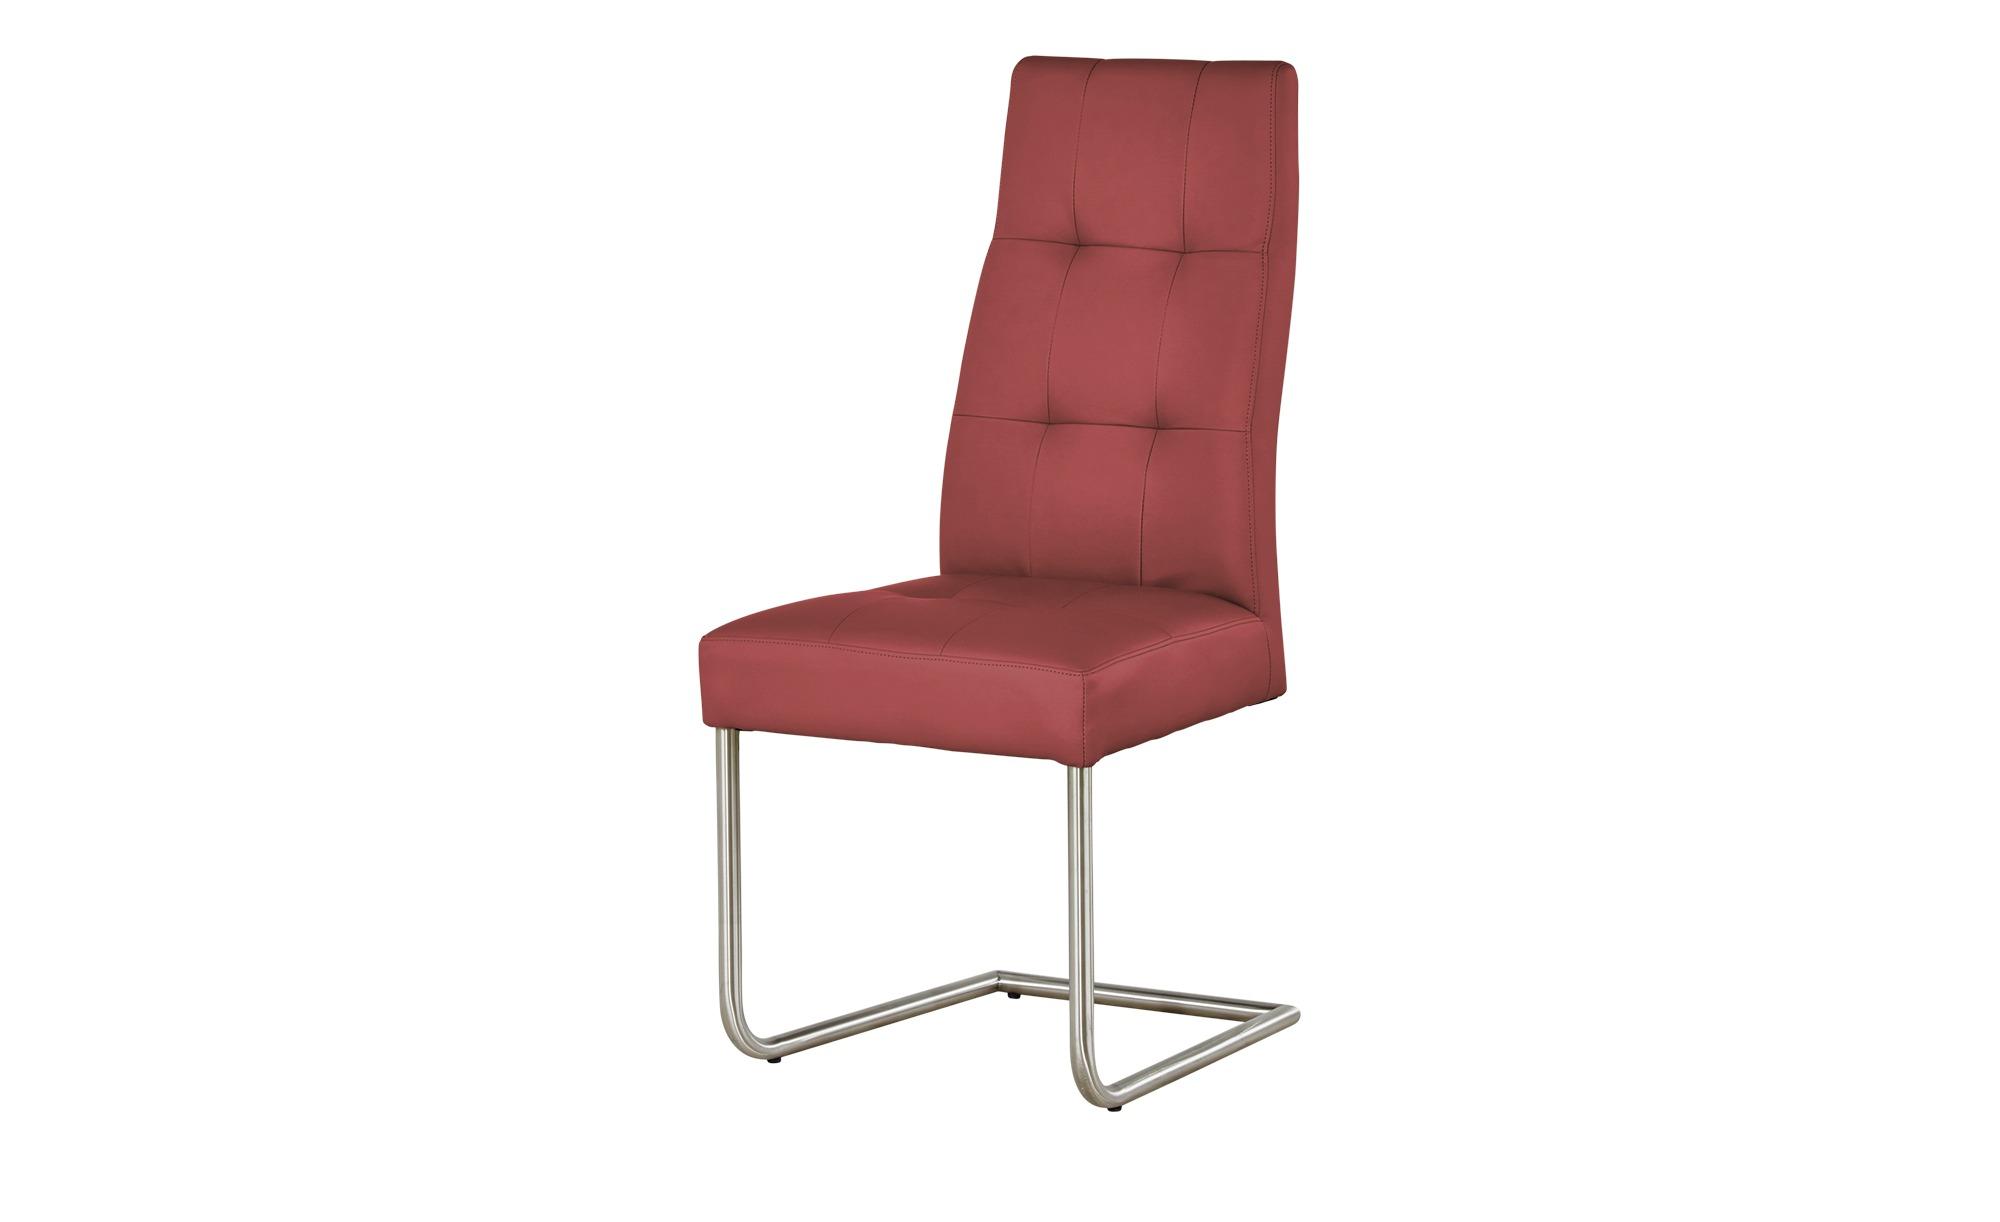 Woodford Kunstleder Schwingstuhl Thea rot 47 cm 104 cm 60 cm Stühle > Esszimmerstühle Möbel Kraft